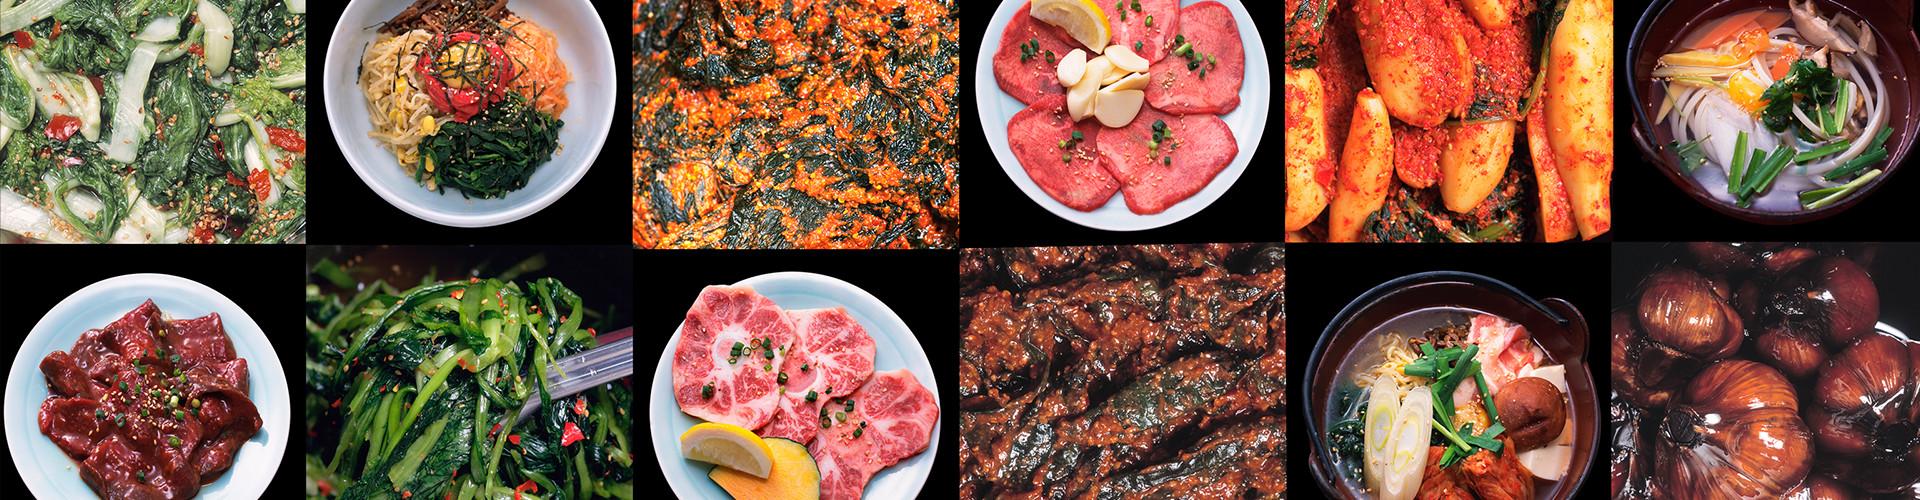 水晶で焼いたふっくらお肉 愛情たっぷり韓国家庭料理 オモニソン- 母さんの手 -